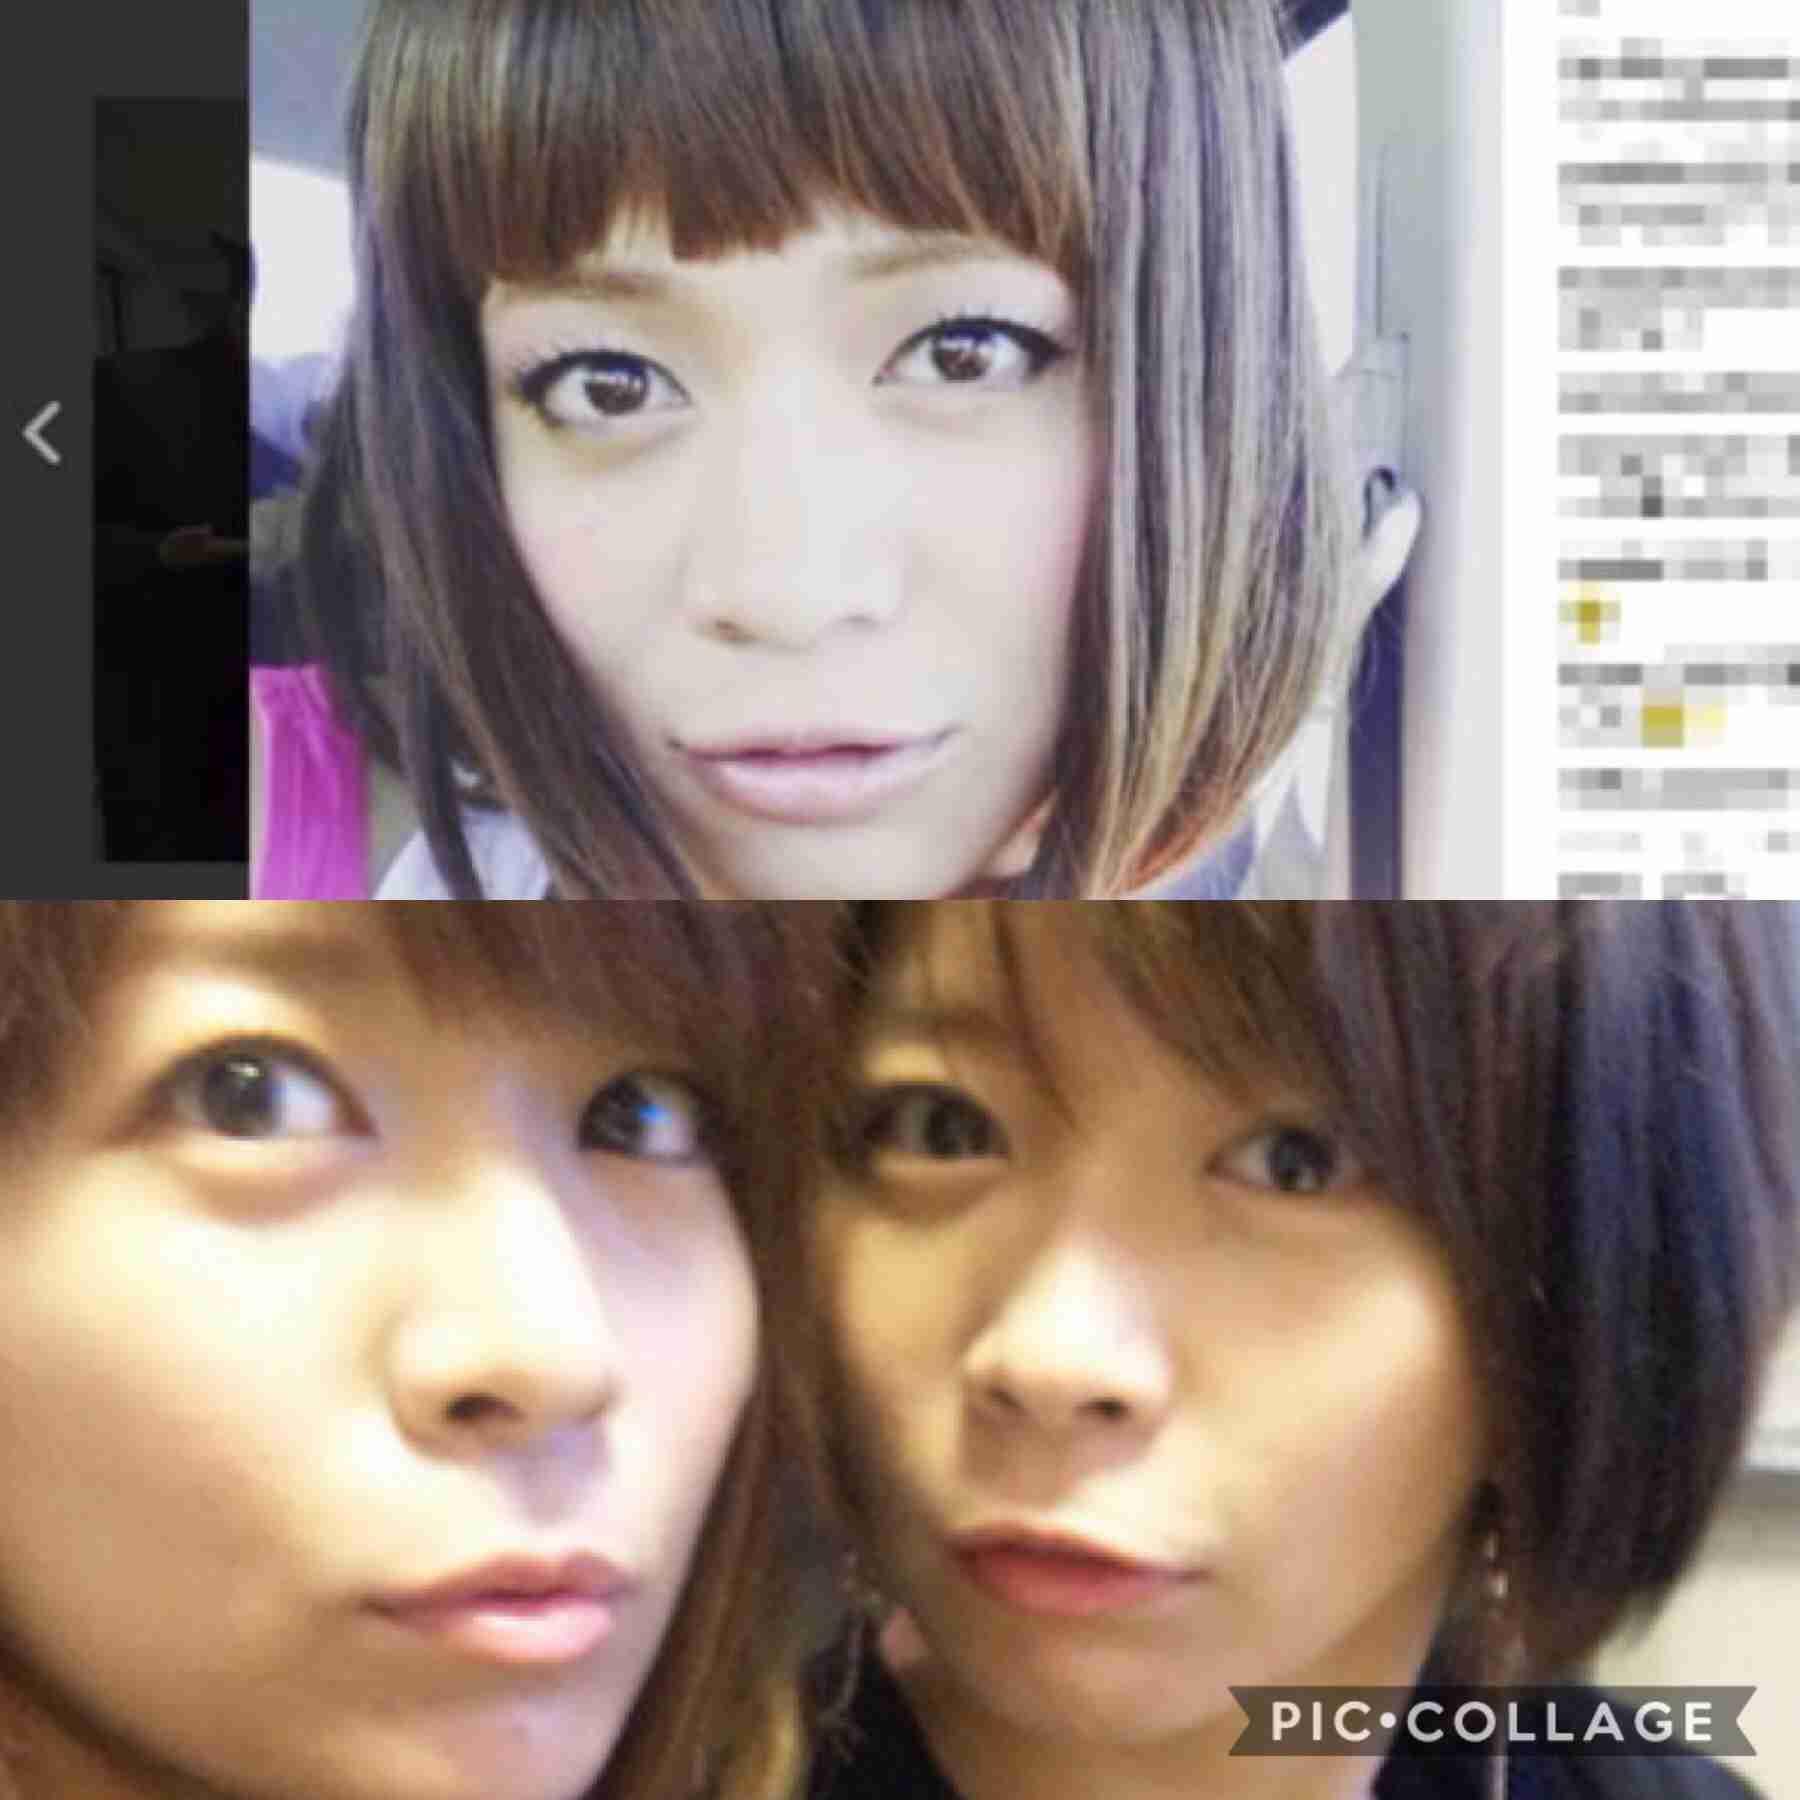 「榮倉奈々みたい」「安田美沙子に似てる」 和田正人の「美しすぎる女装」が話題に